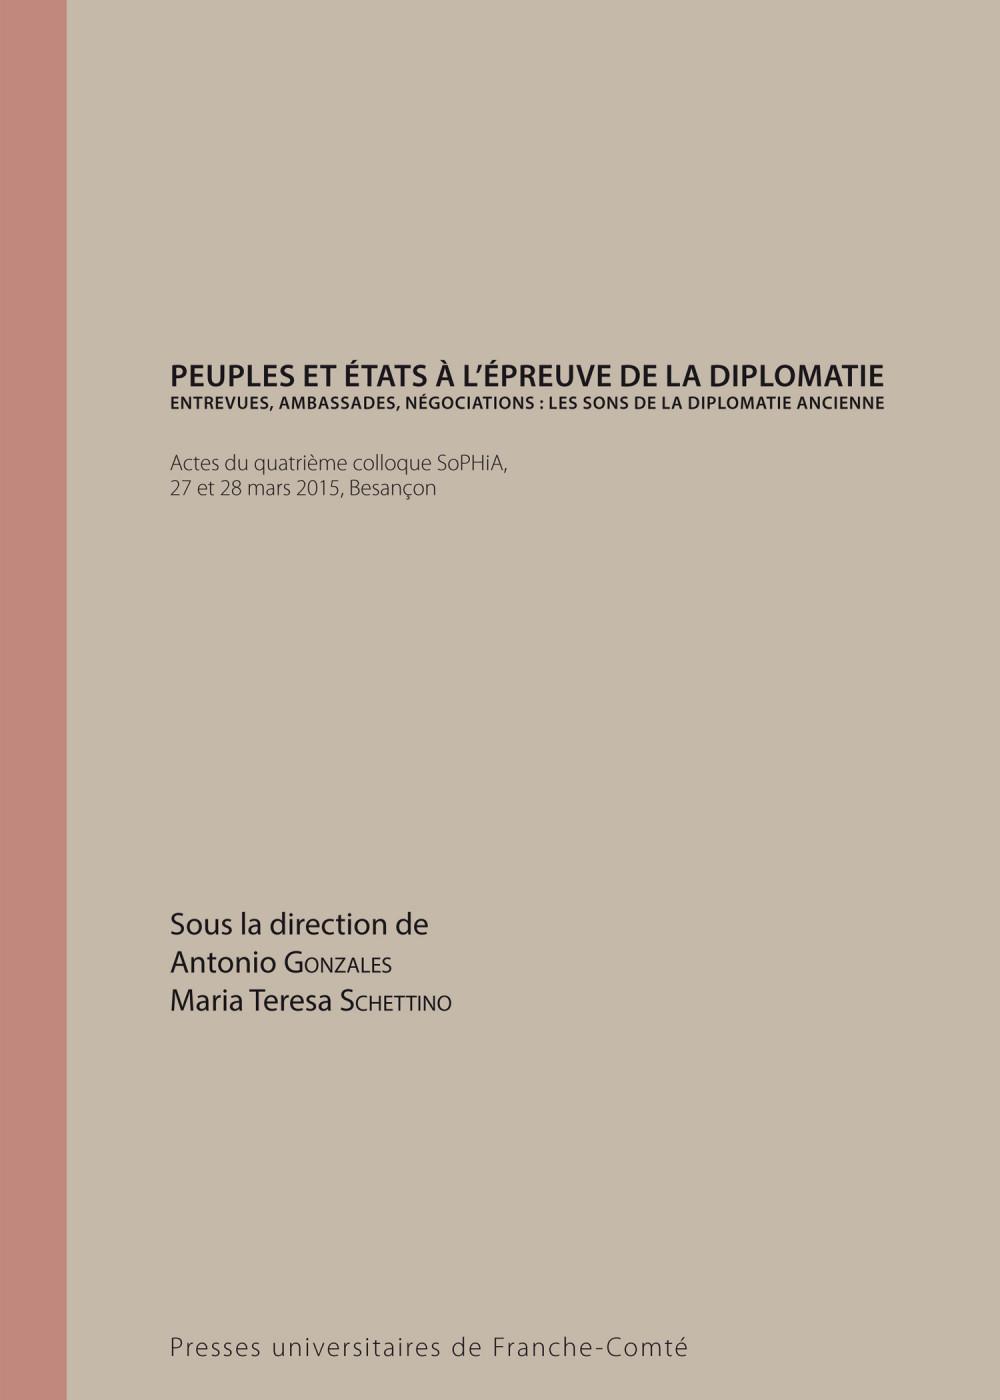 couverture de l'ouvrage Peuples et États à l'épreuve de la diplomatie d'Antonio Gonzales et Maria Teresa SCHETTINO